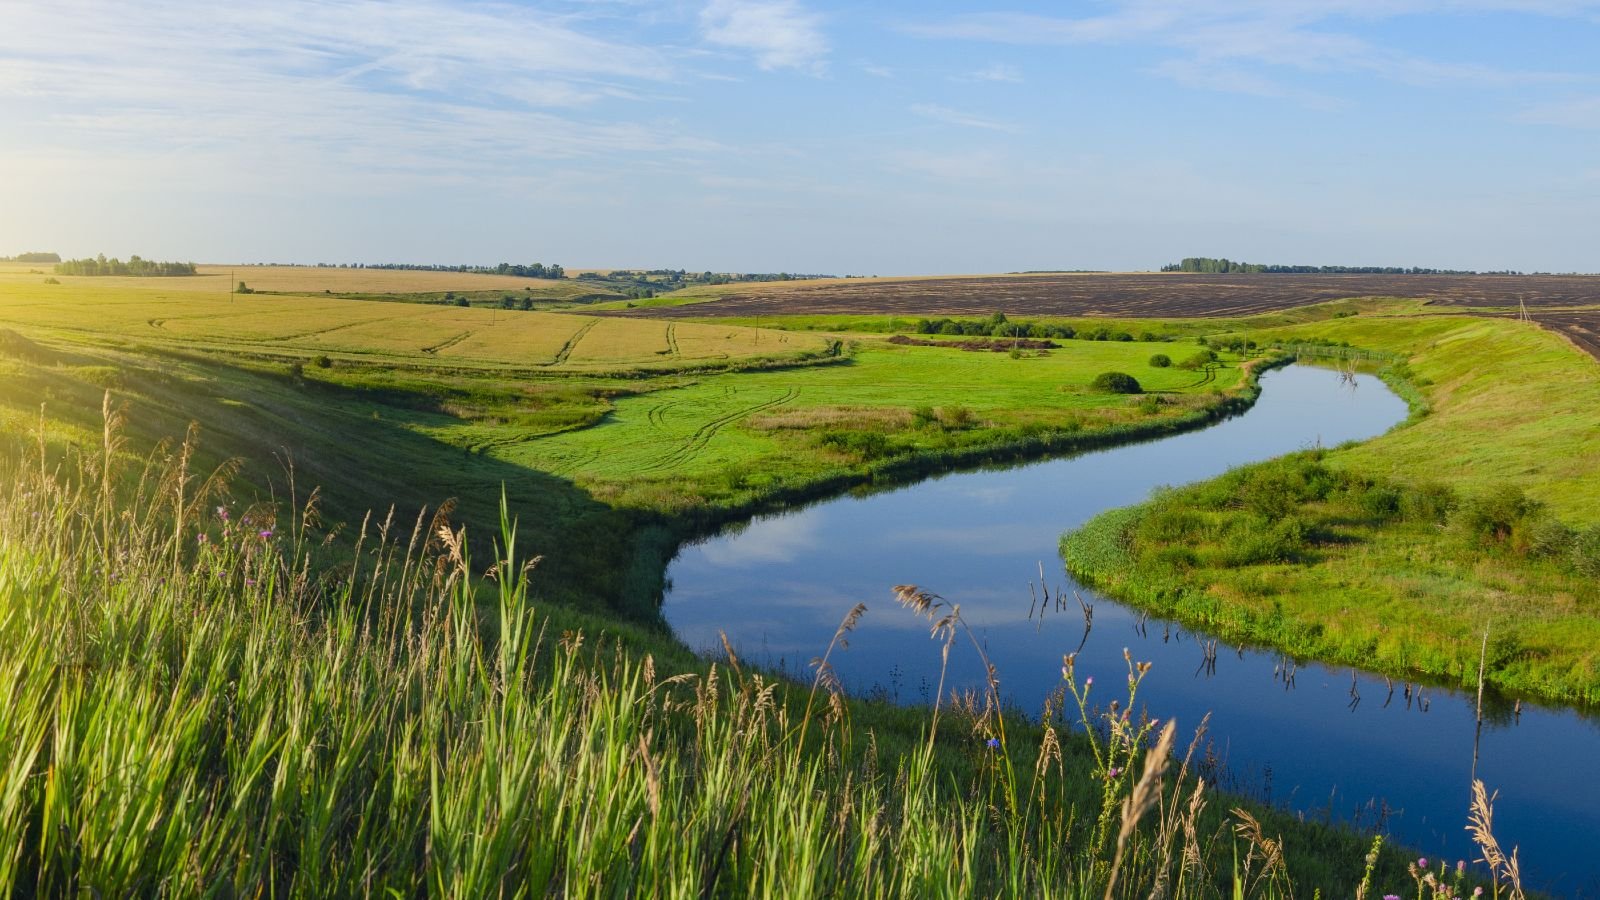 Ein Fluss schlängelt sich durch eine grüne hügelige Landschaft bei tiefstehender Sonne.